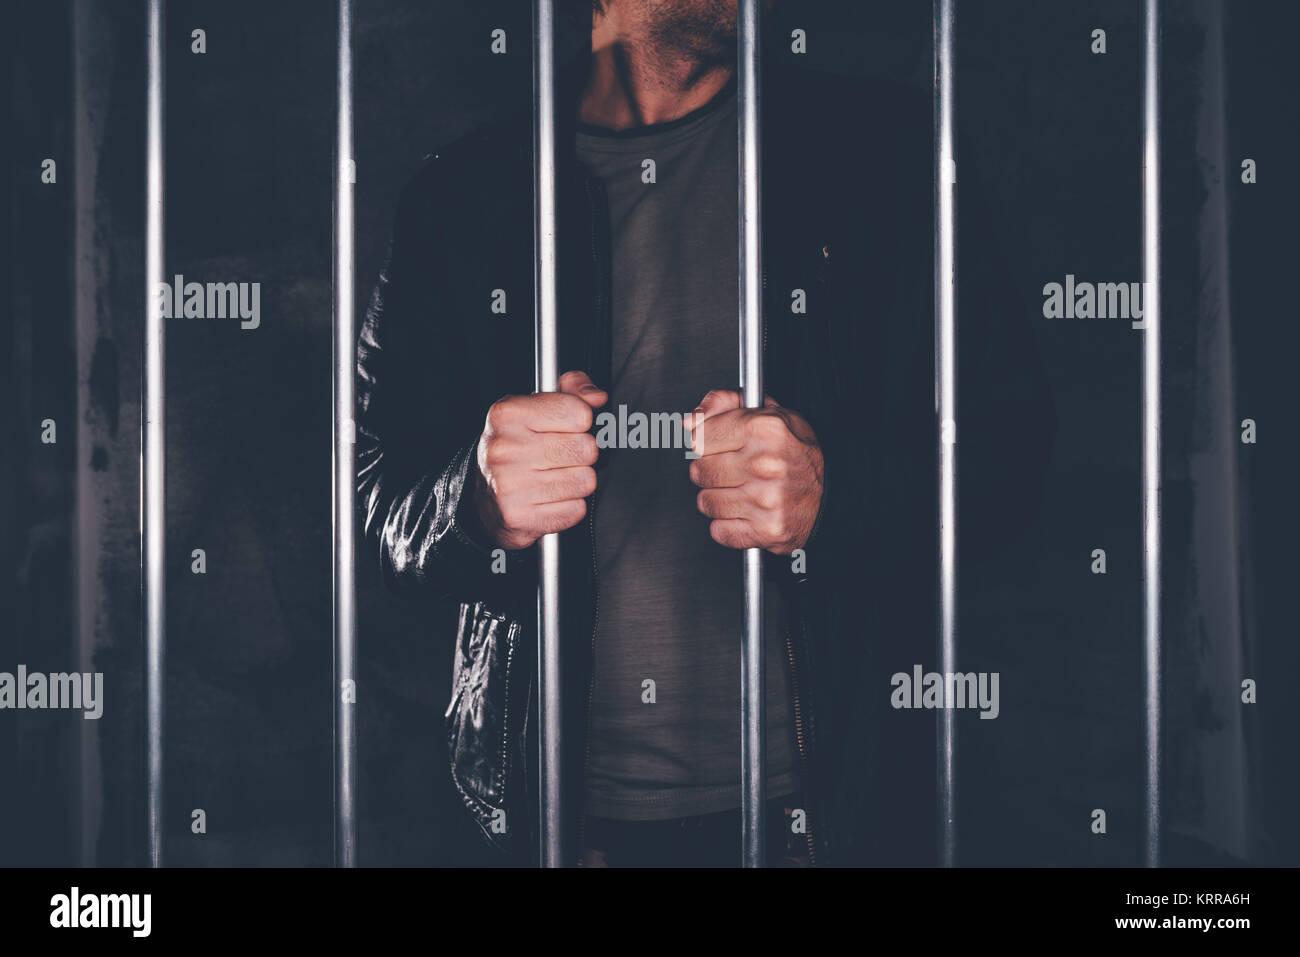 Man behind prison bars. Arrested criminal male person imprisoned. - Stock Image